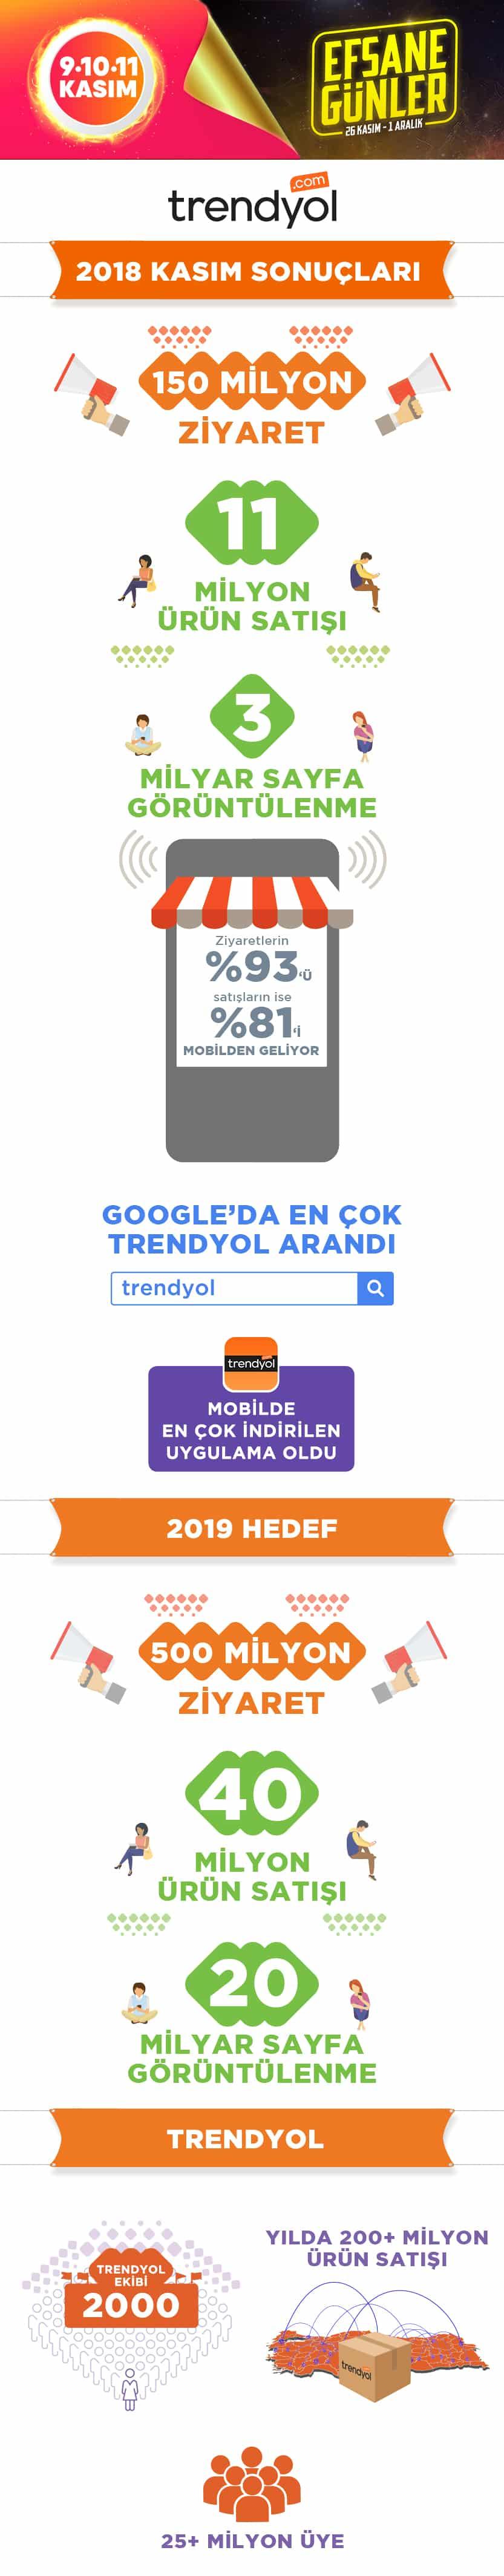 Trendyol büyük indirim günleri infografik